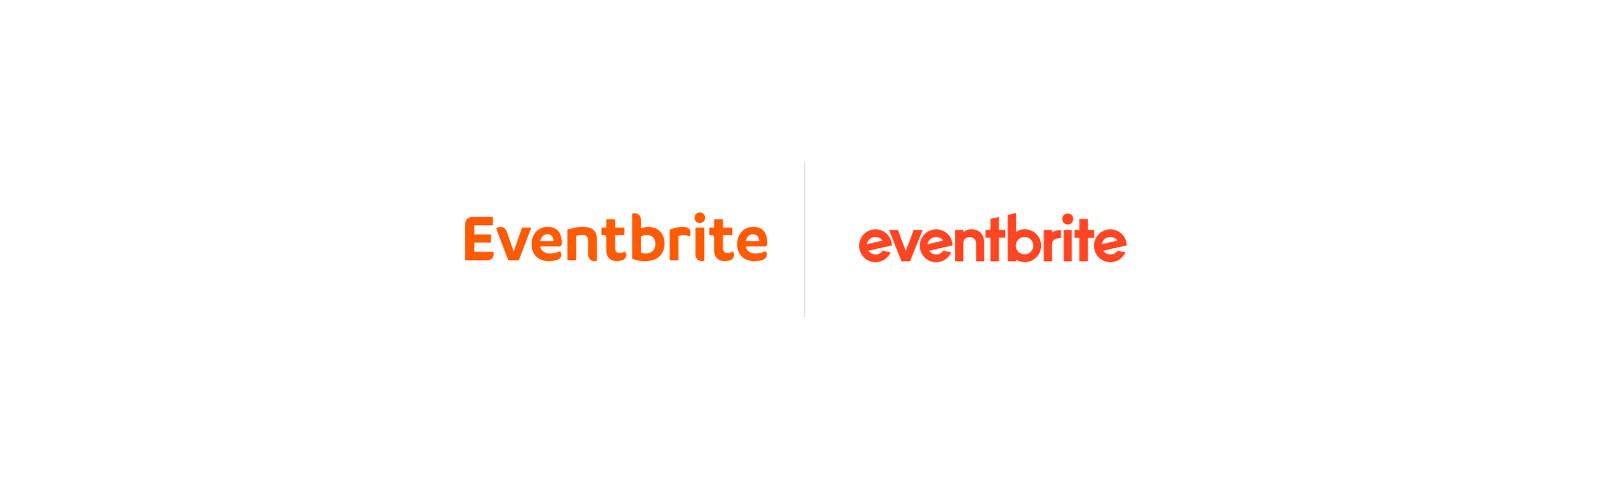 new-logo-eventbrite